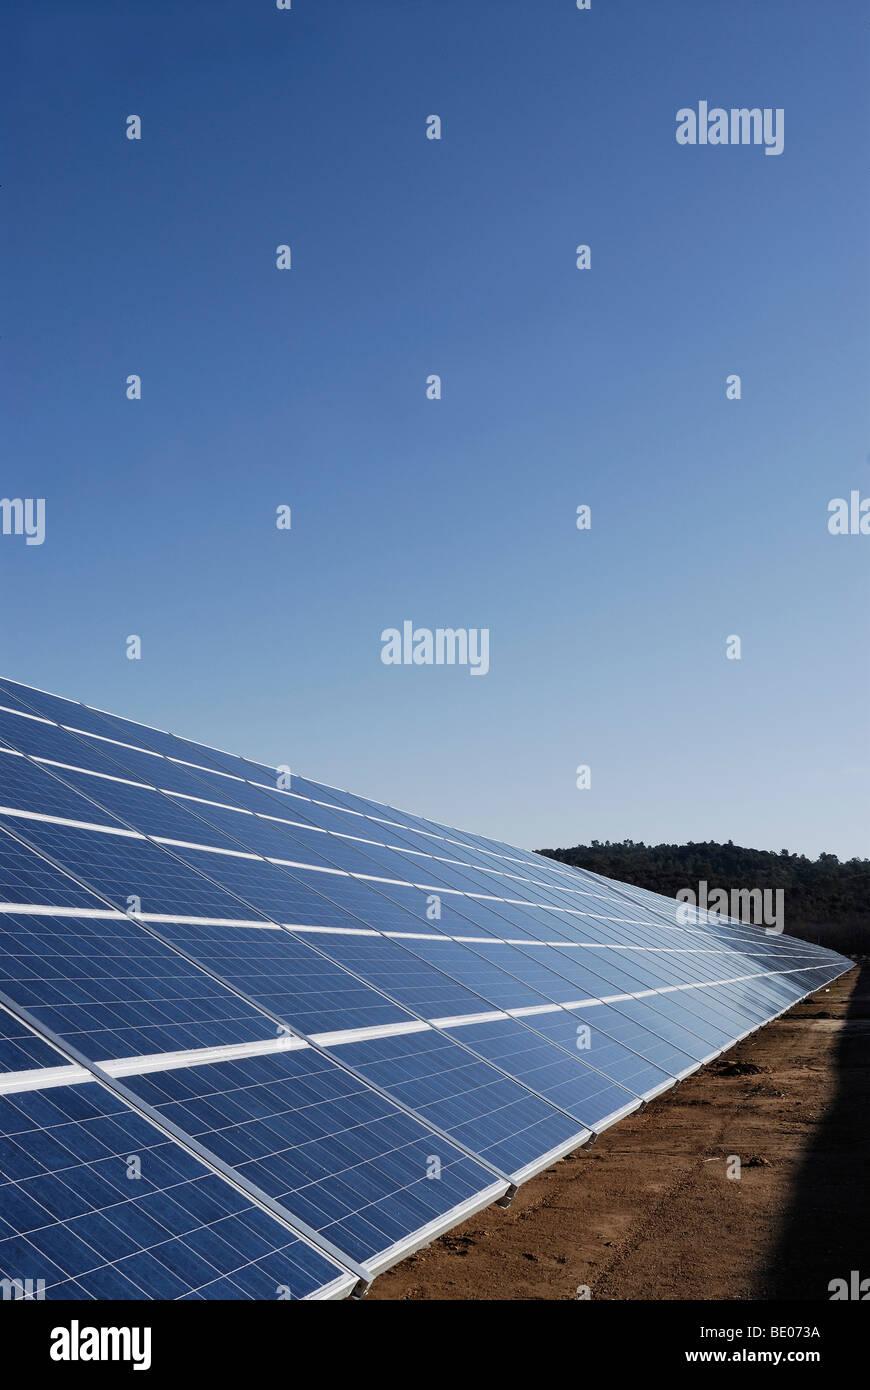 Panel solar en perspectiva Imagen De Stock